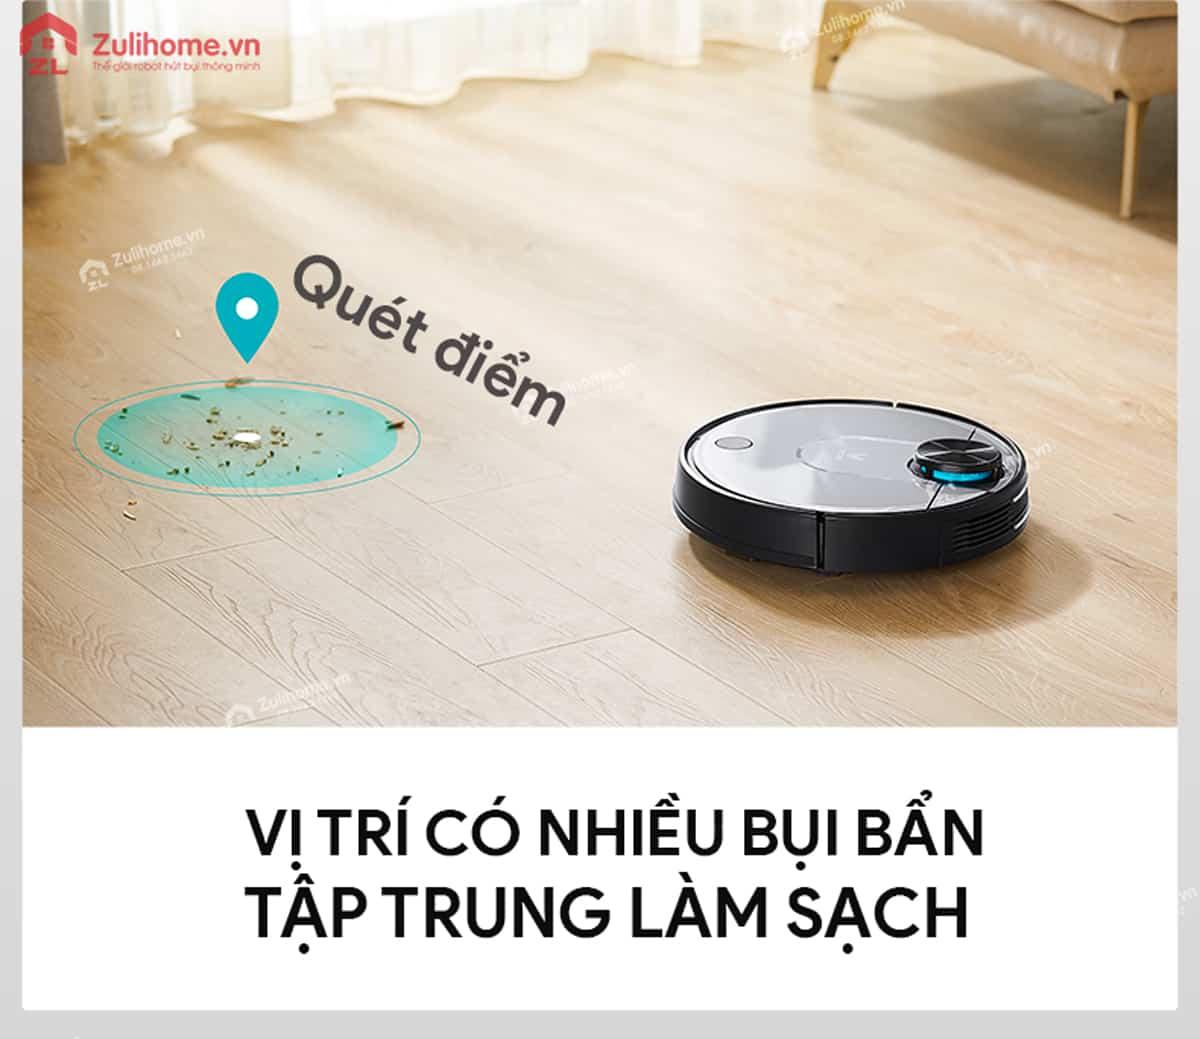 Xiaomi Viomi Yunmi tập trung vị trí có nhiều bụi bẩn để làm sạch